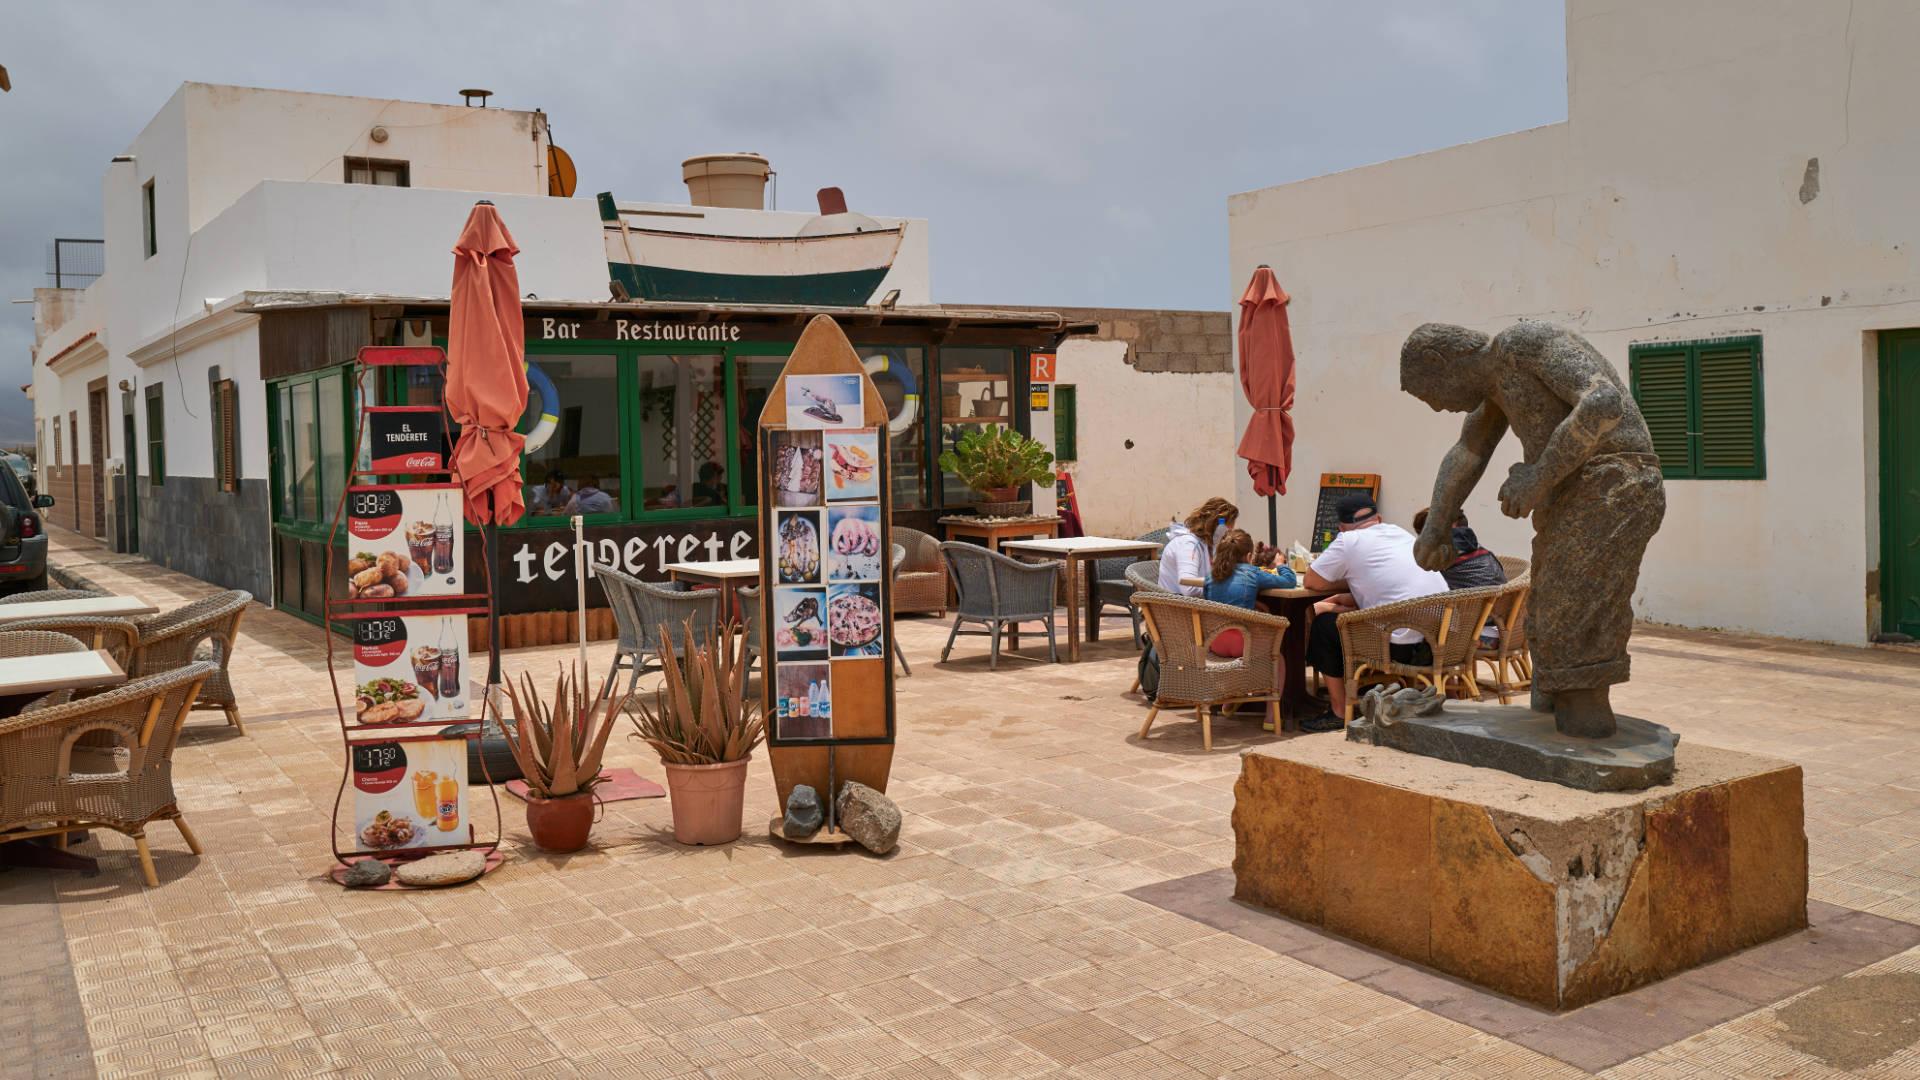 Puerto de la Cruz Jandía Fuerteventura.